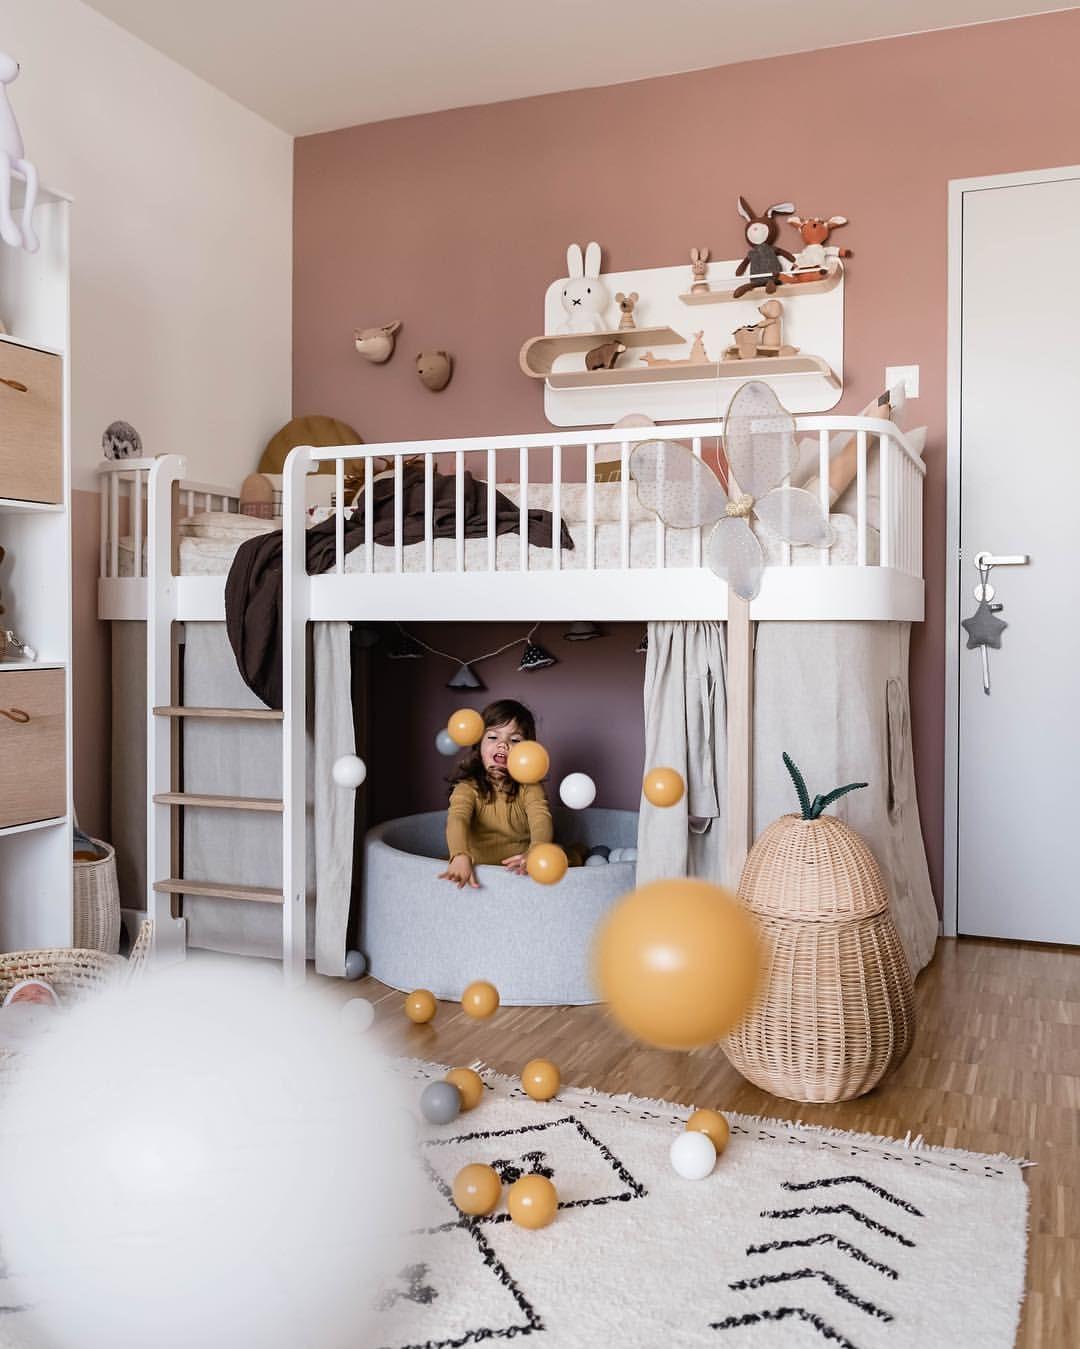 Kinderzimmer, Mädchenzimmer, Spielzimmer, Hochbett, Bällebad ...